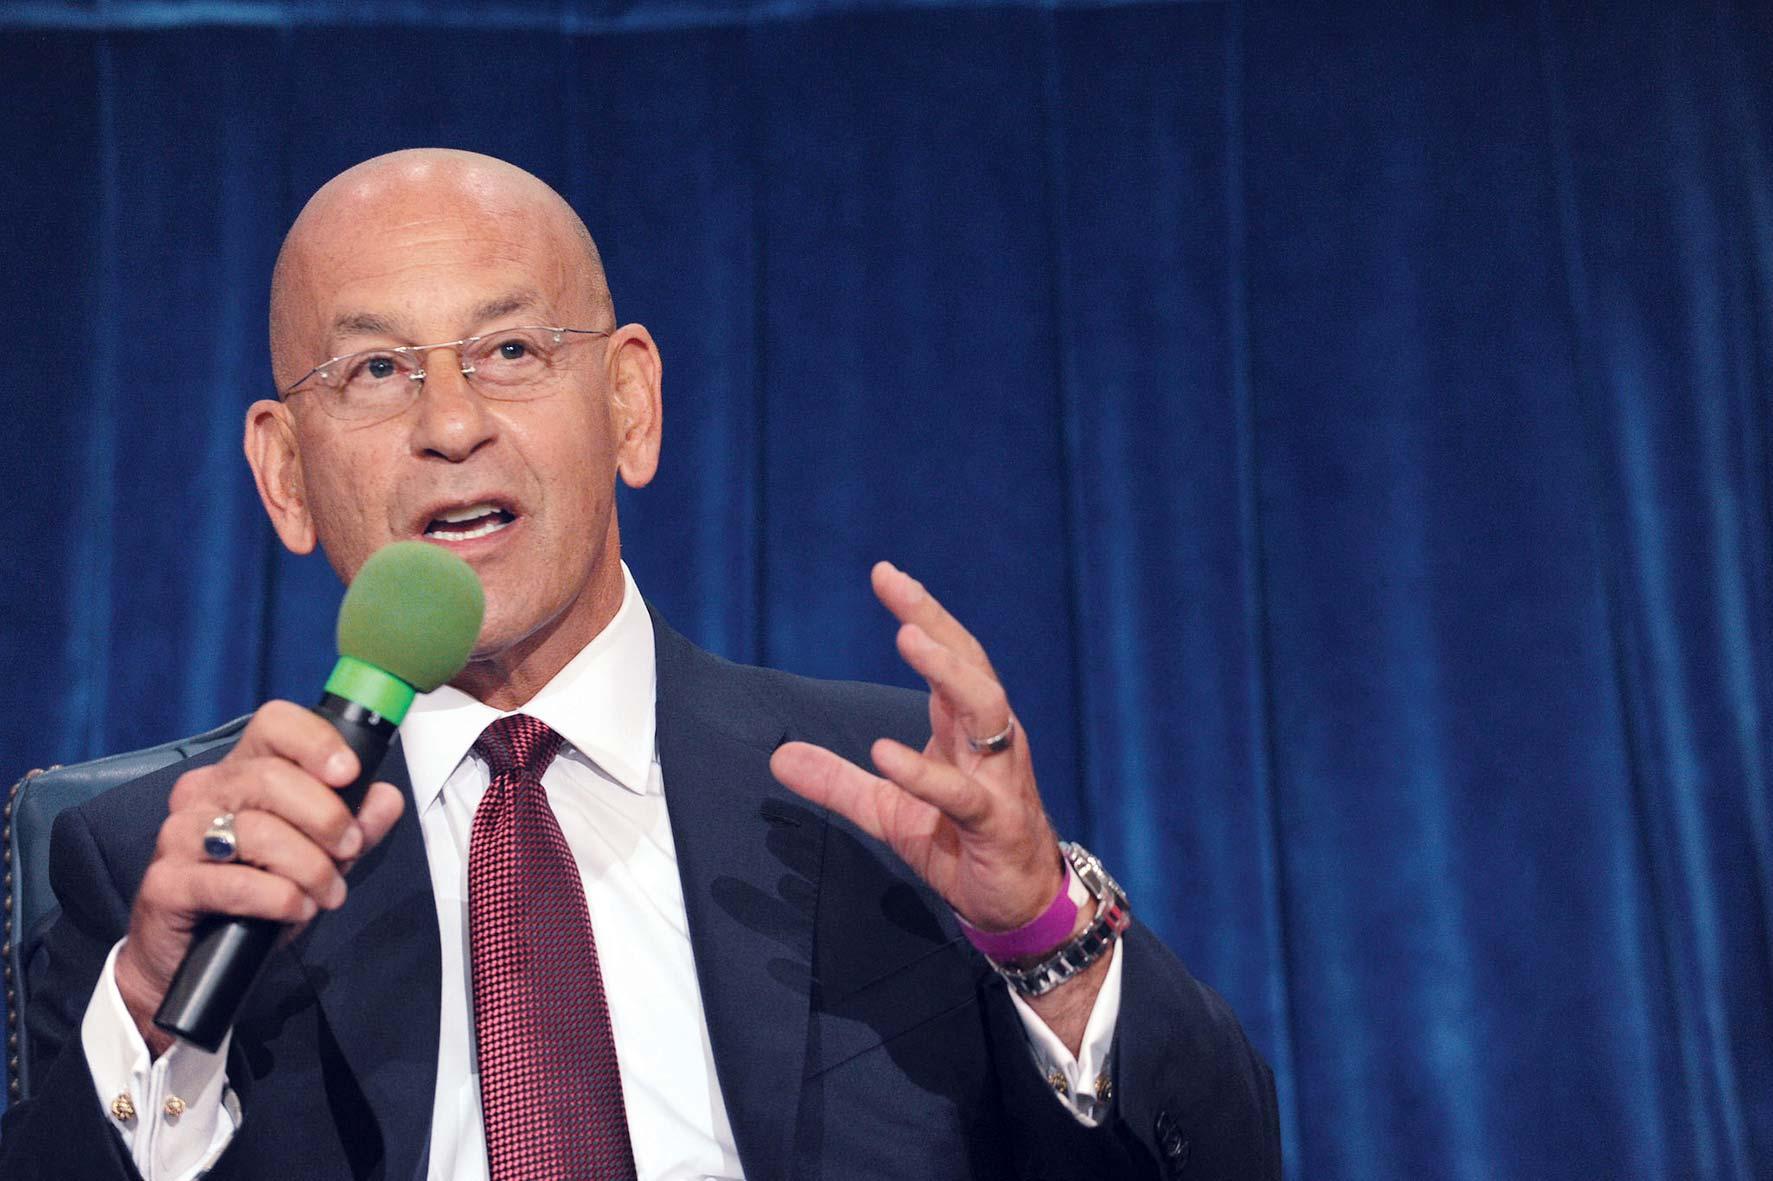 Dr  Steven Safyer retiring as Montefiore's CEO